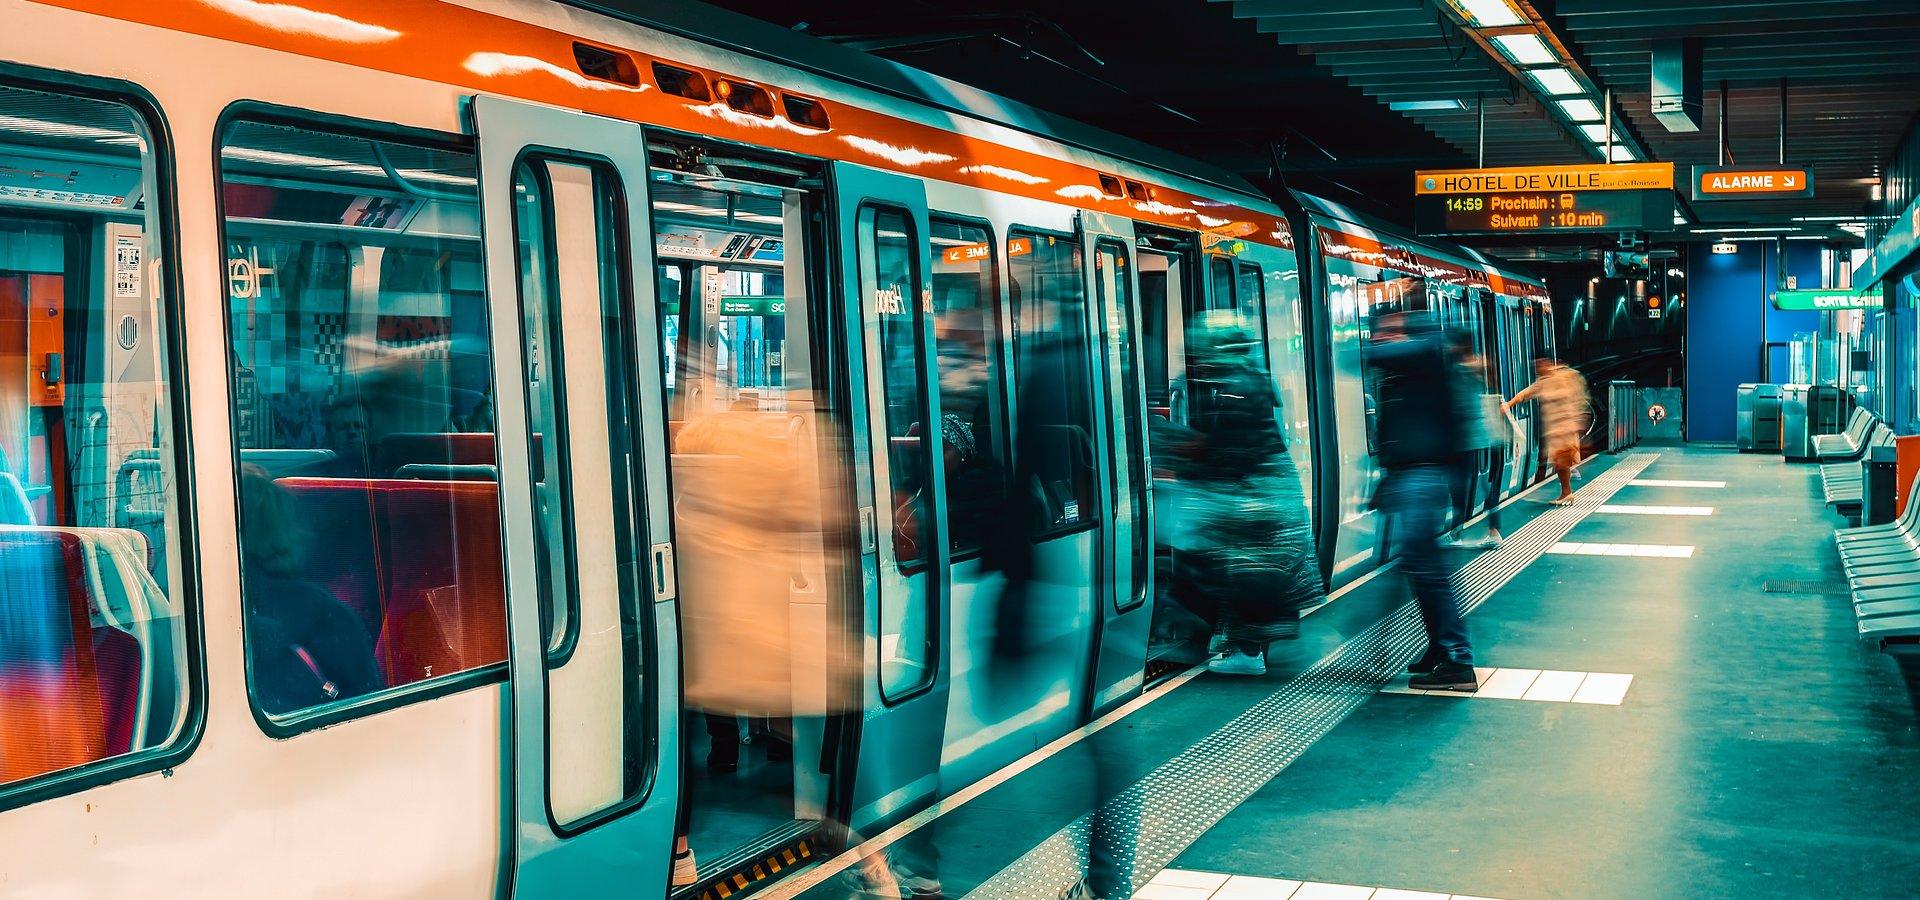 Coppernic et Worldline équipent toute la région lyonnaise avec une solution d'Open Payment de plus de 300 C-One², le terminal de référence pour le Transport Public.